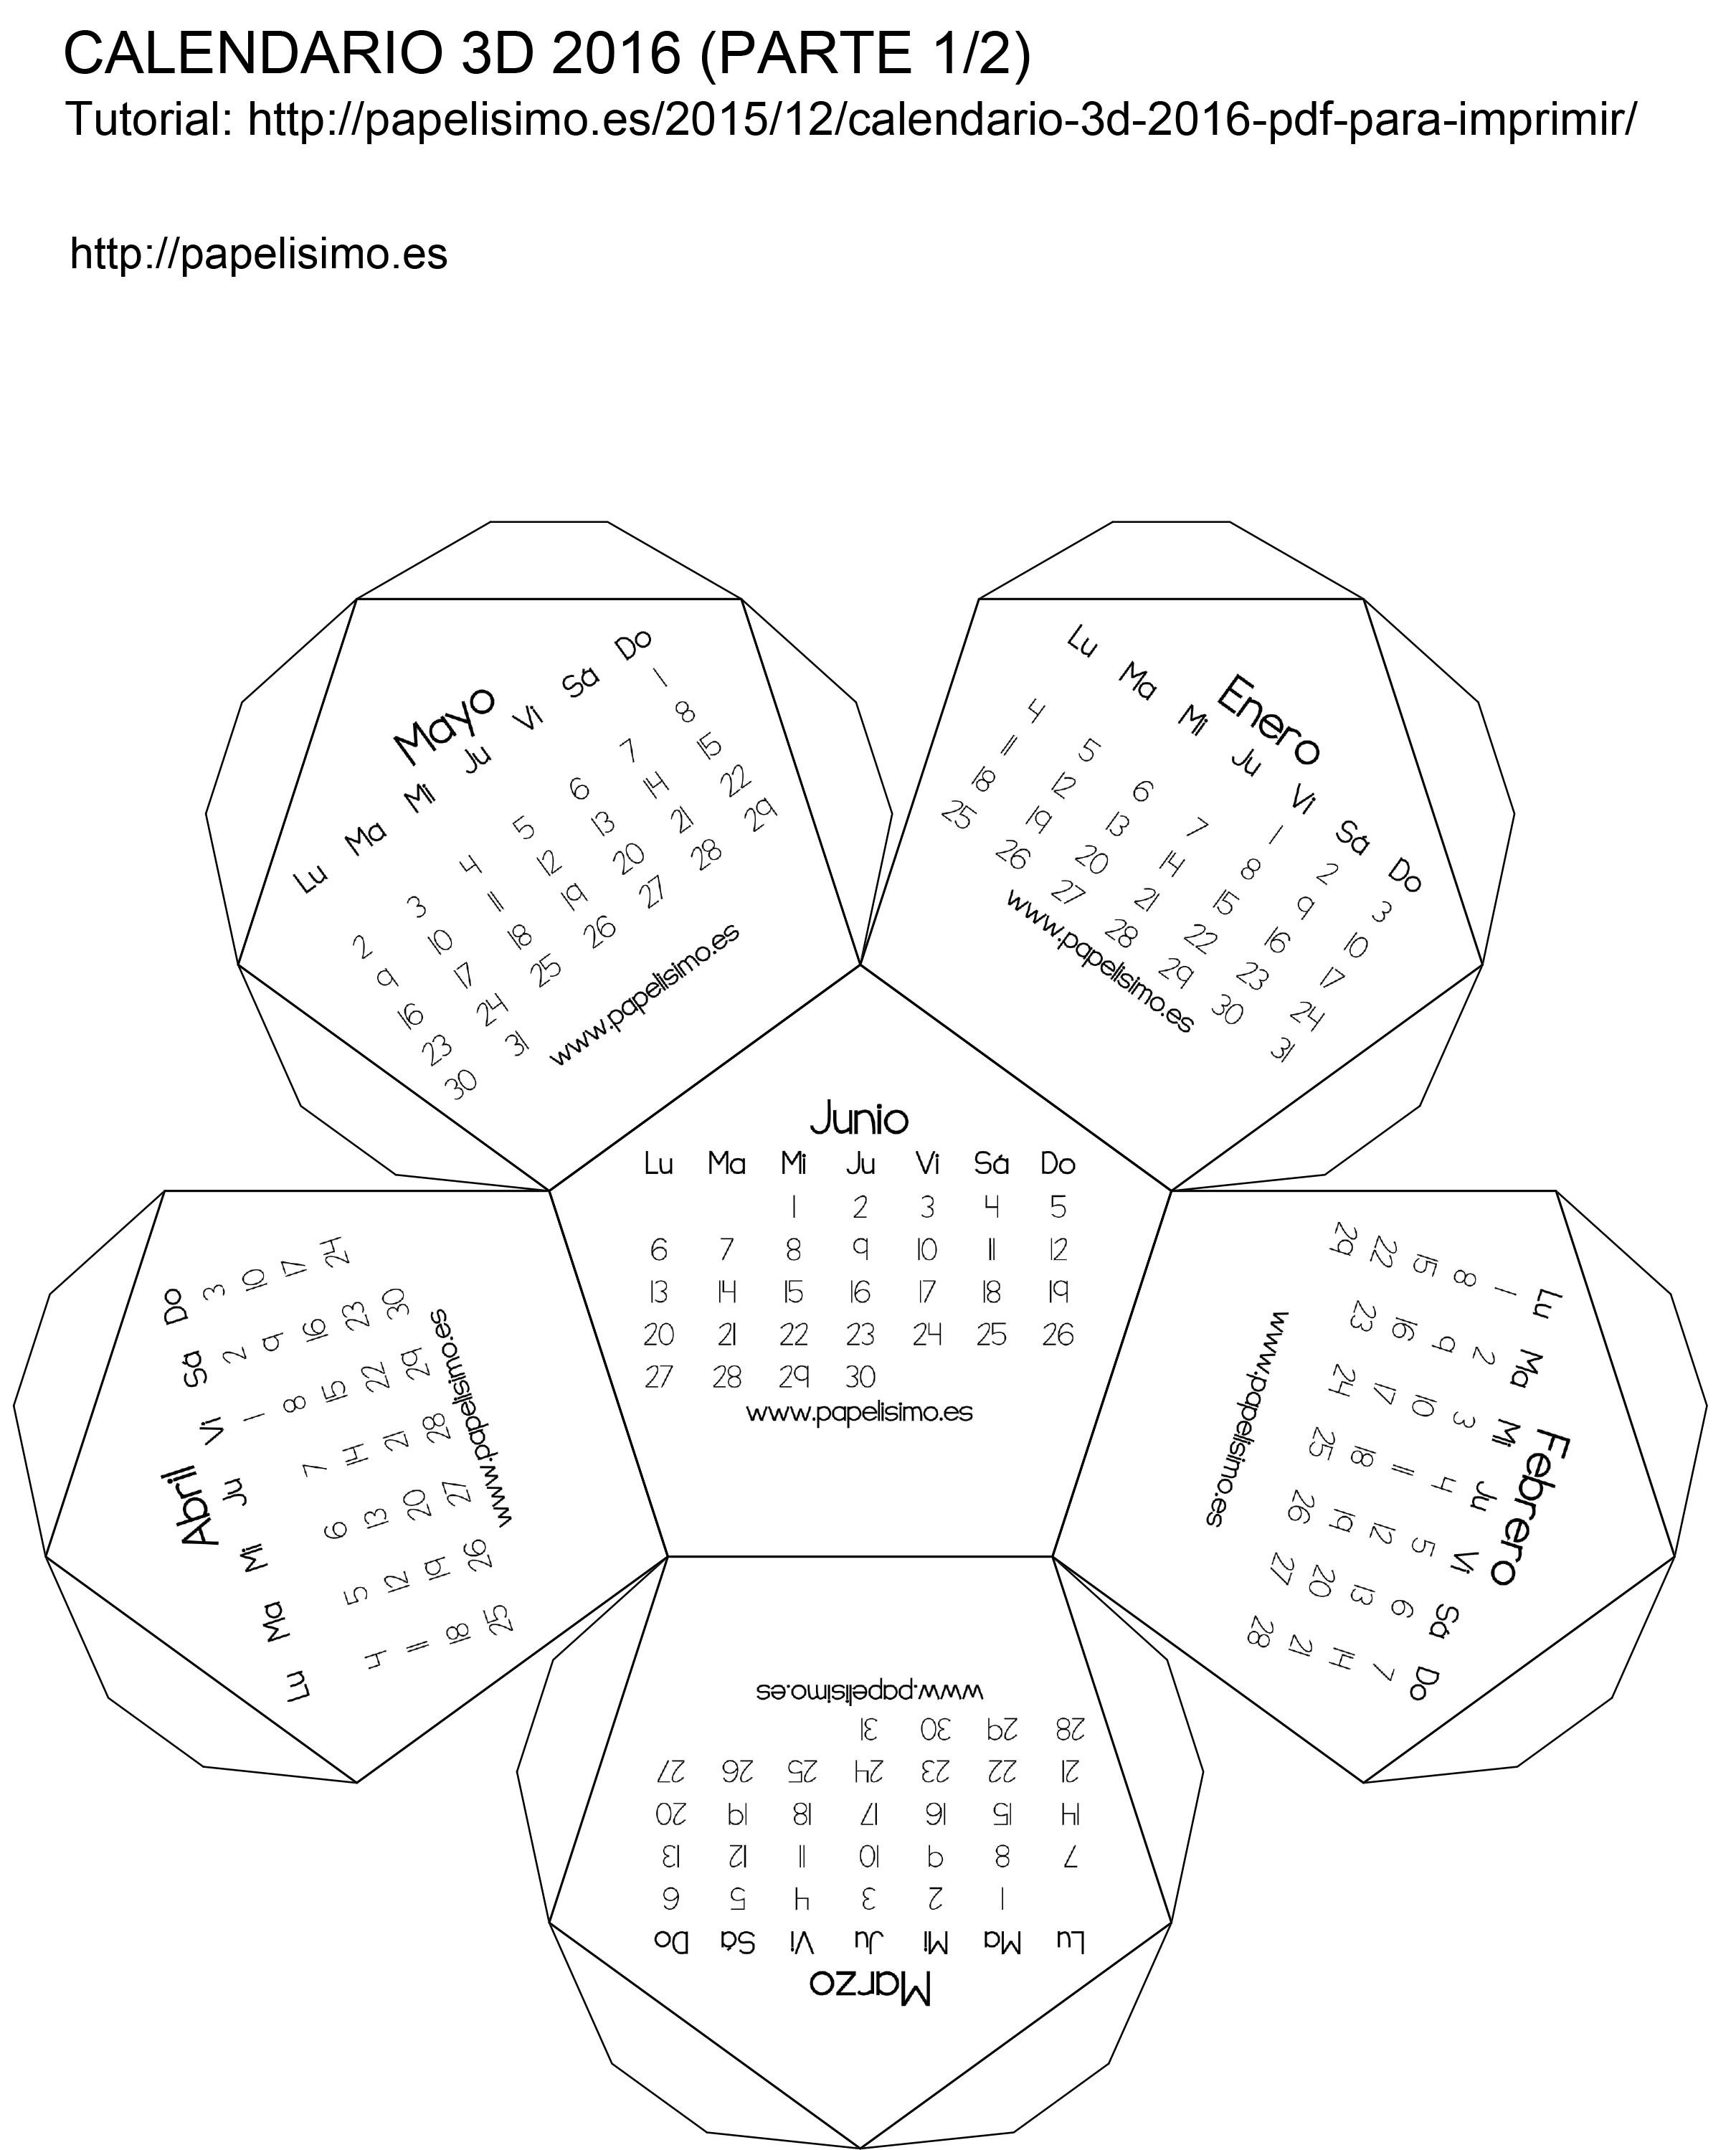 Calendario 2017 Chile Para Imprimir Pdf Más Caliente Imprimir Calendario Elegant Imprimir Calendario Stunning Of Calendario 2017 Chile Para Imprimir Pdf Recientes Calendario Feriados Junio Sab Abril Newspictures